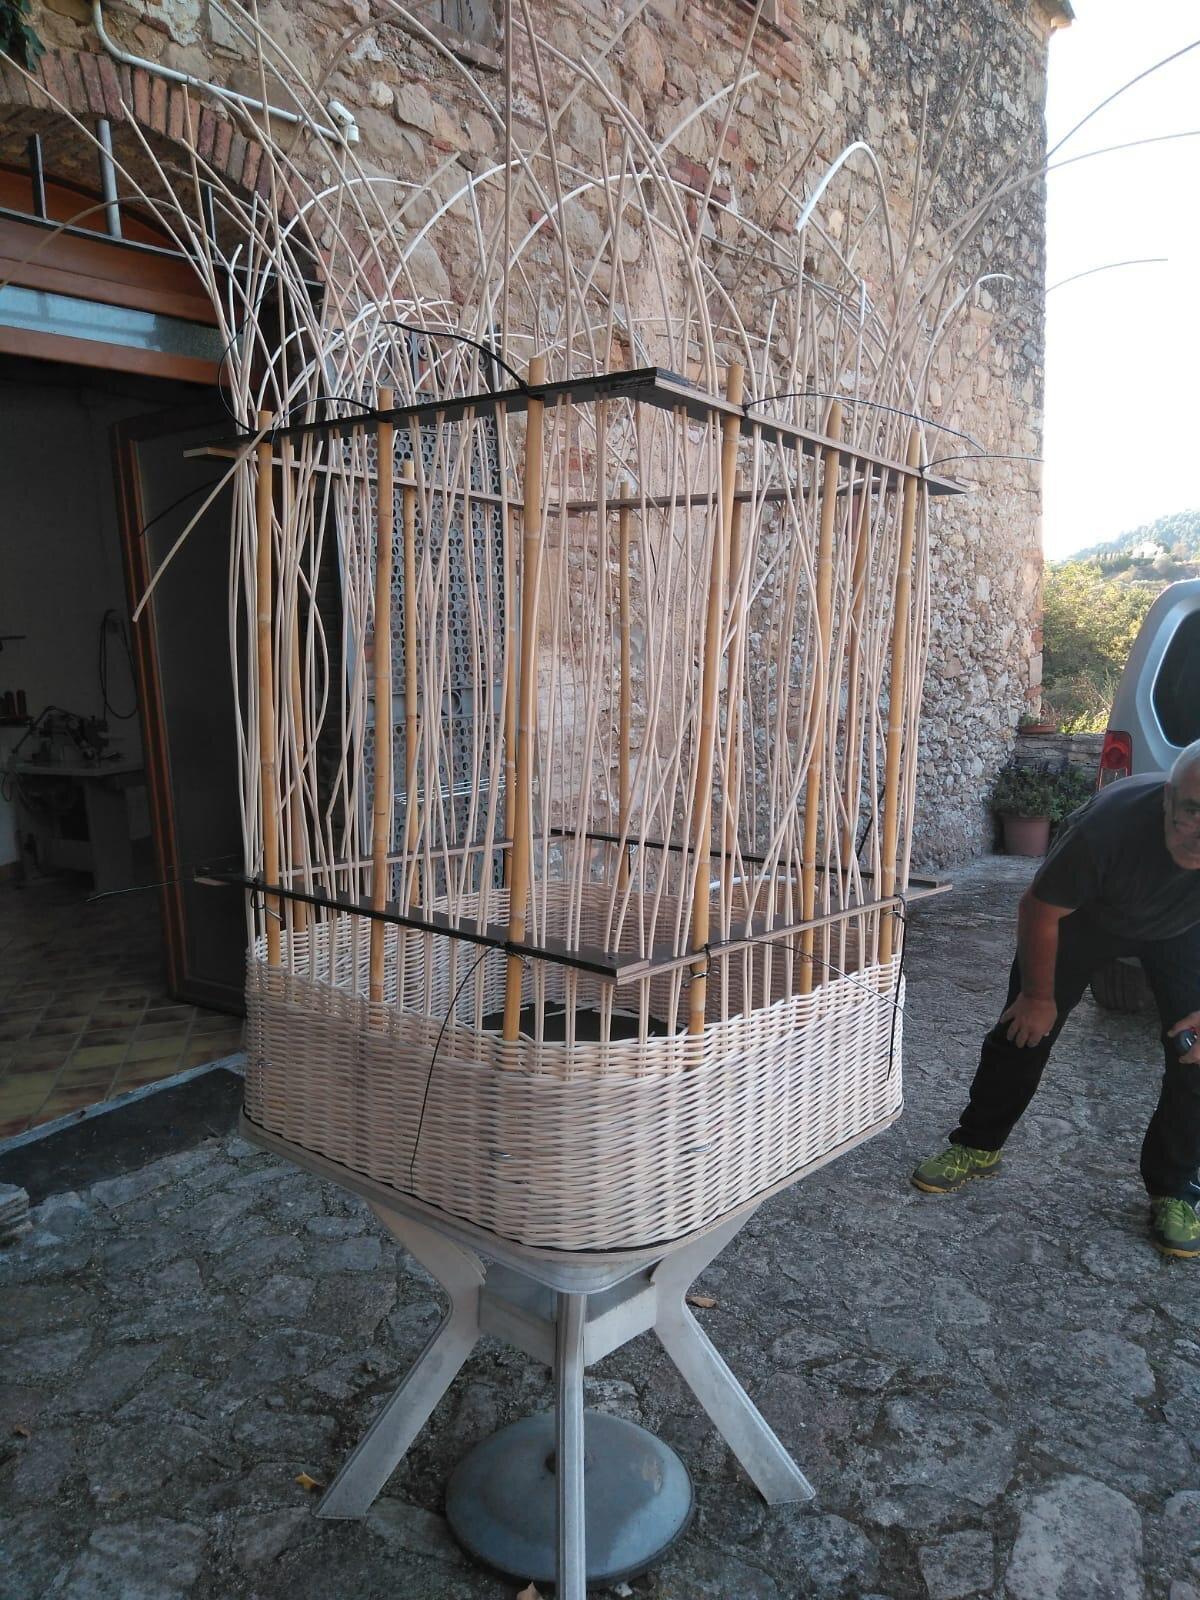 La cesta en construcción que acompañará la bicicleta eléctrica de Aflote.